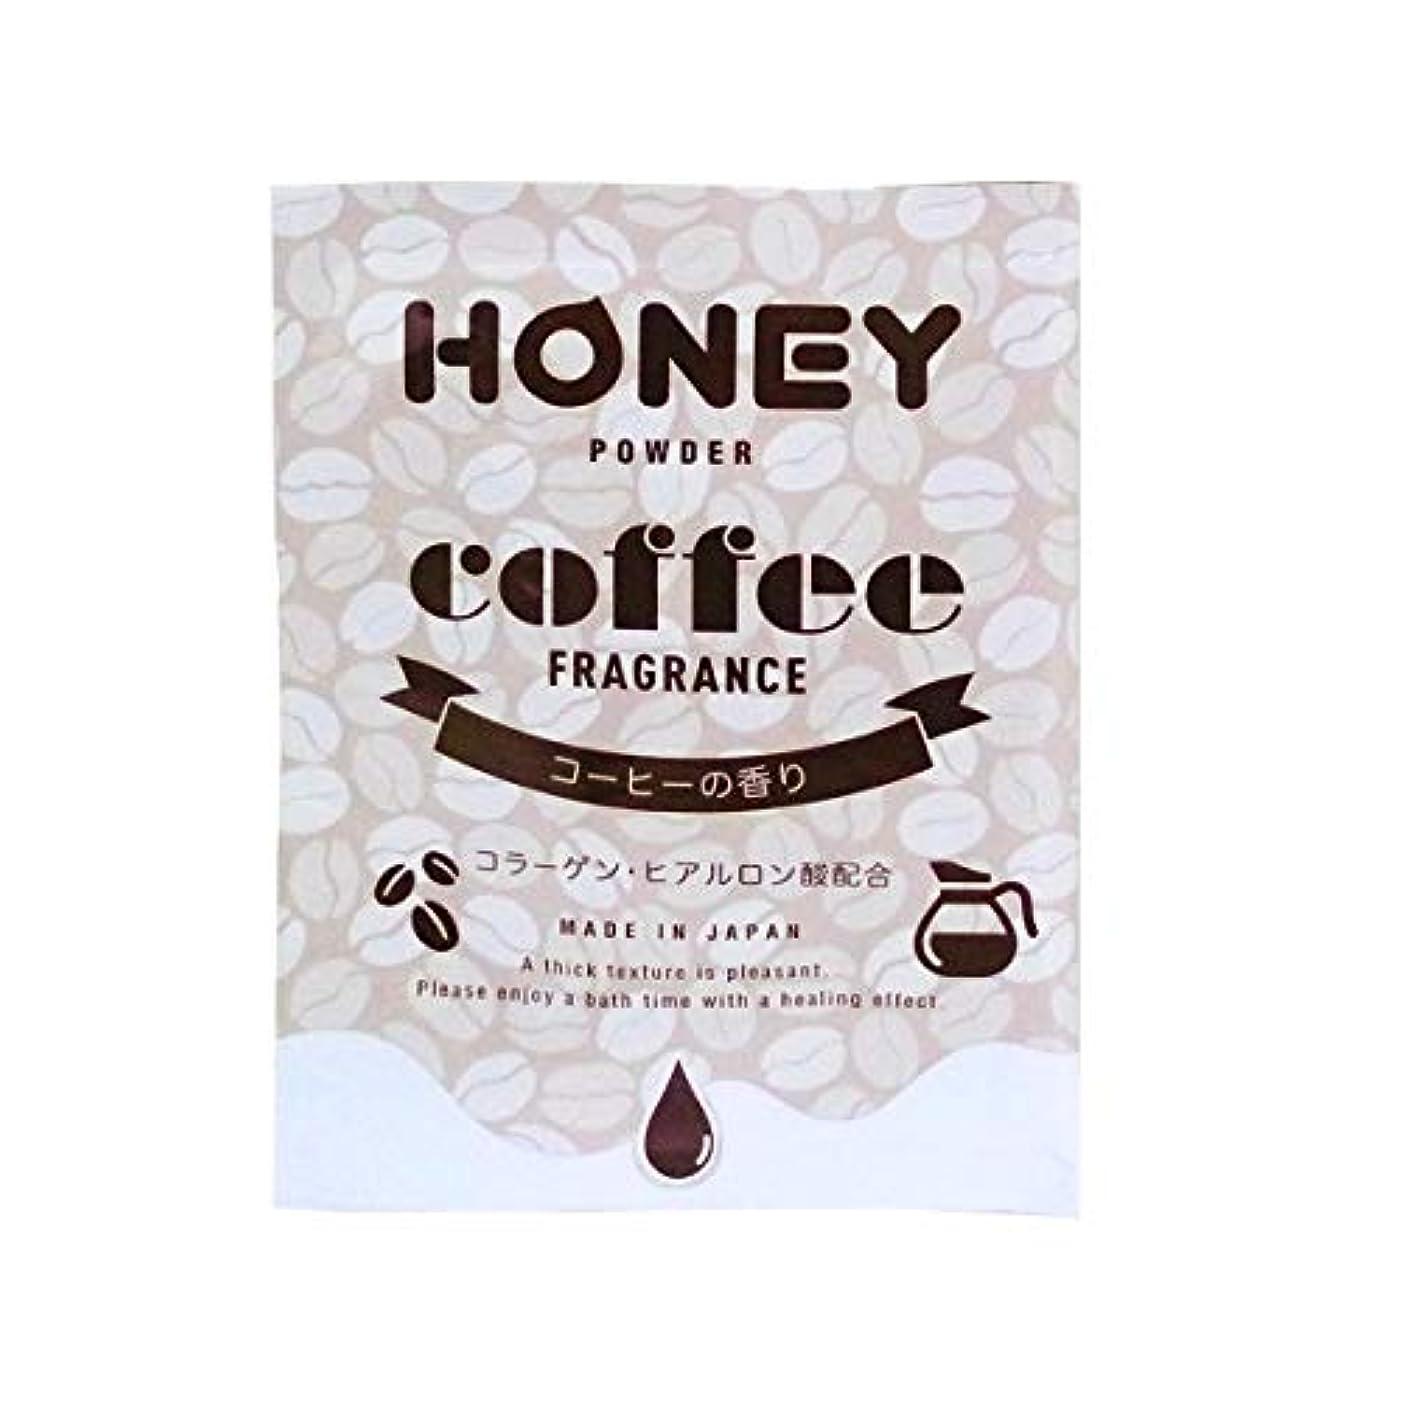 耳ささやきわかりやすいとろとろ入浴剤【honey powder】(ハニーパウダー) コーヒーの香り 粉末タイプ ローション